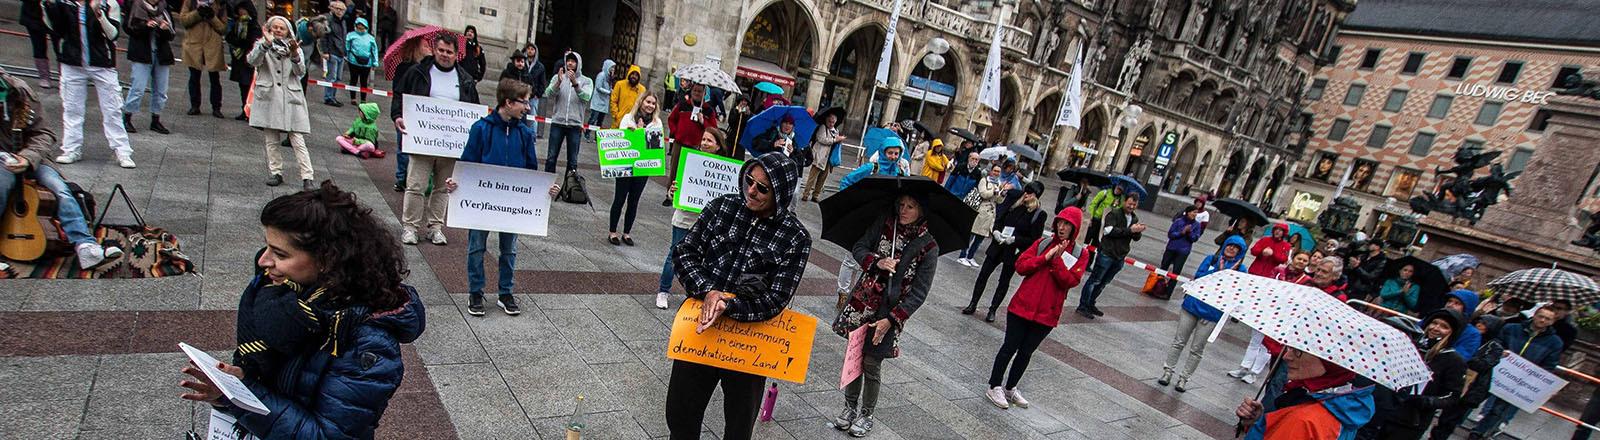 Protest in München gegen die Maßnahmen im Zuge der Corona-Pandemie (02.05.2020)